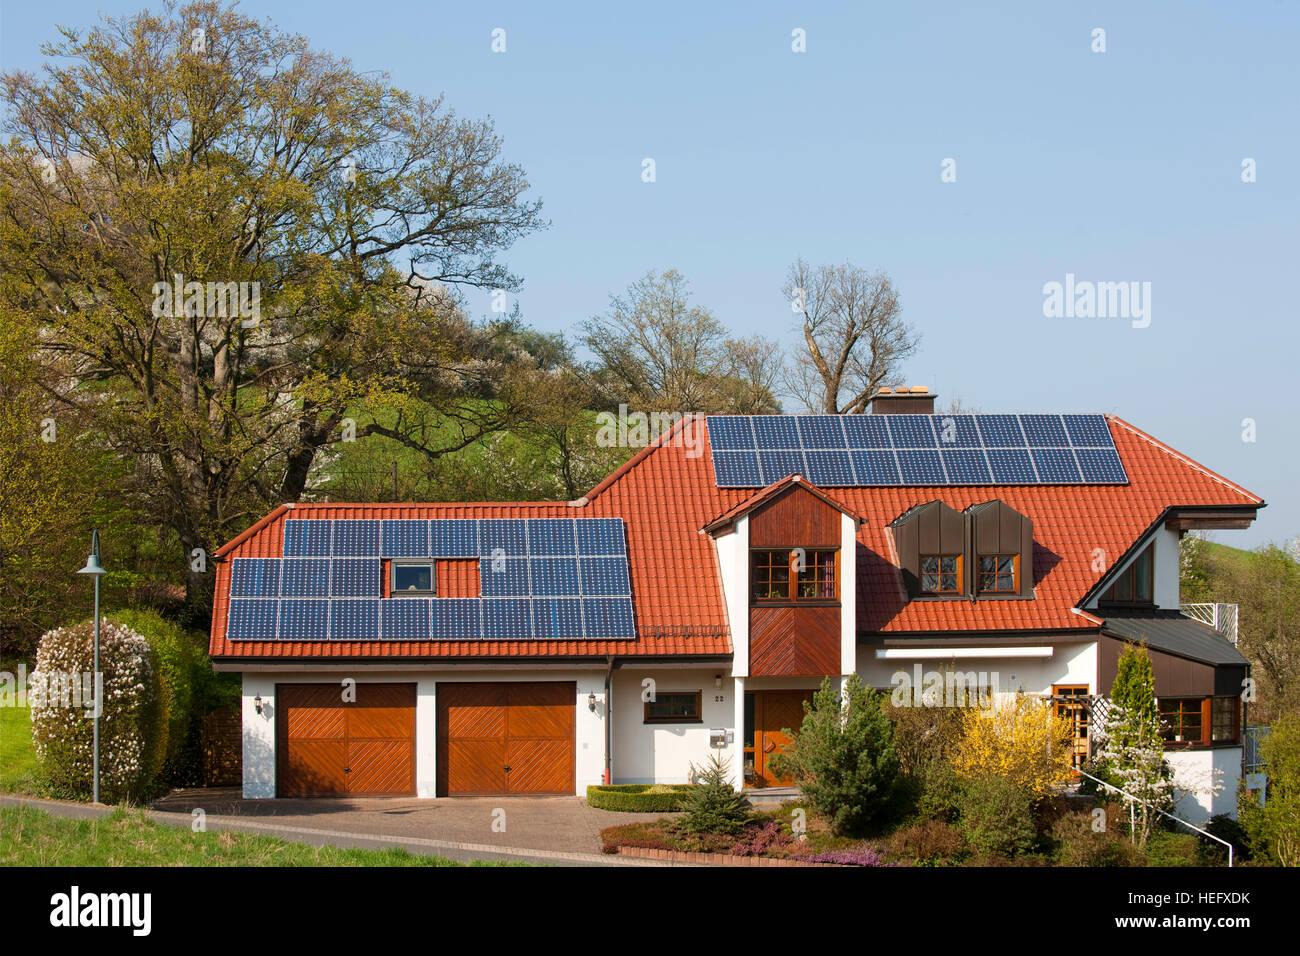 Deutschland, Nordrhein-Westfalen, Kreis Euskirchen, Stadt Schleiden, Haus mit Solarenergieanlage. - Stock Image